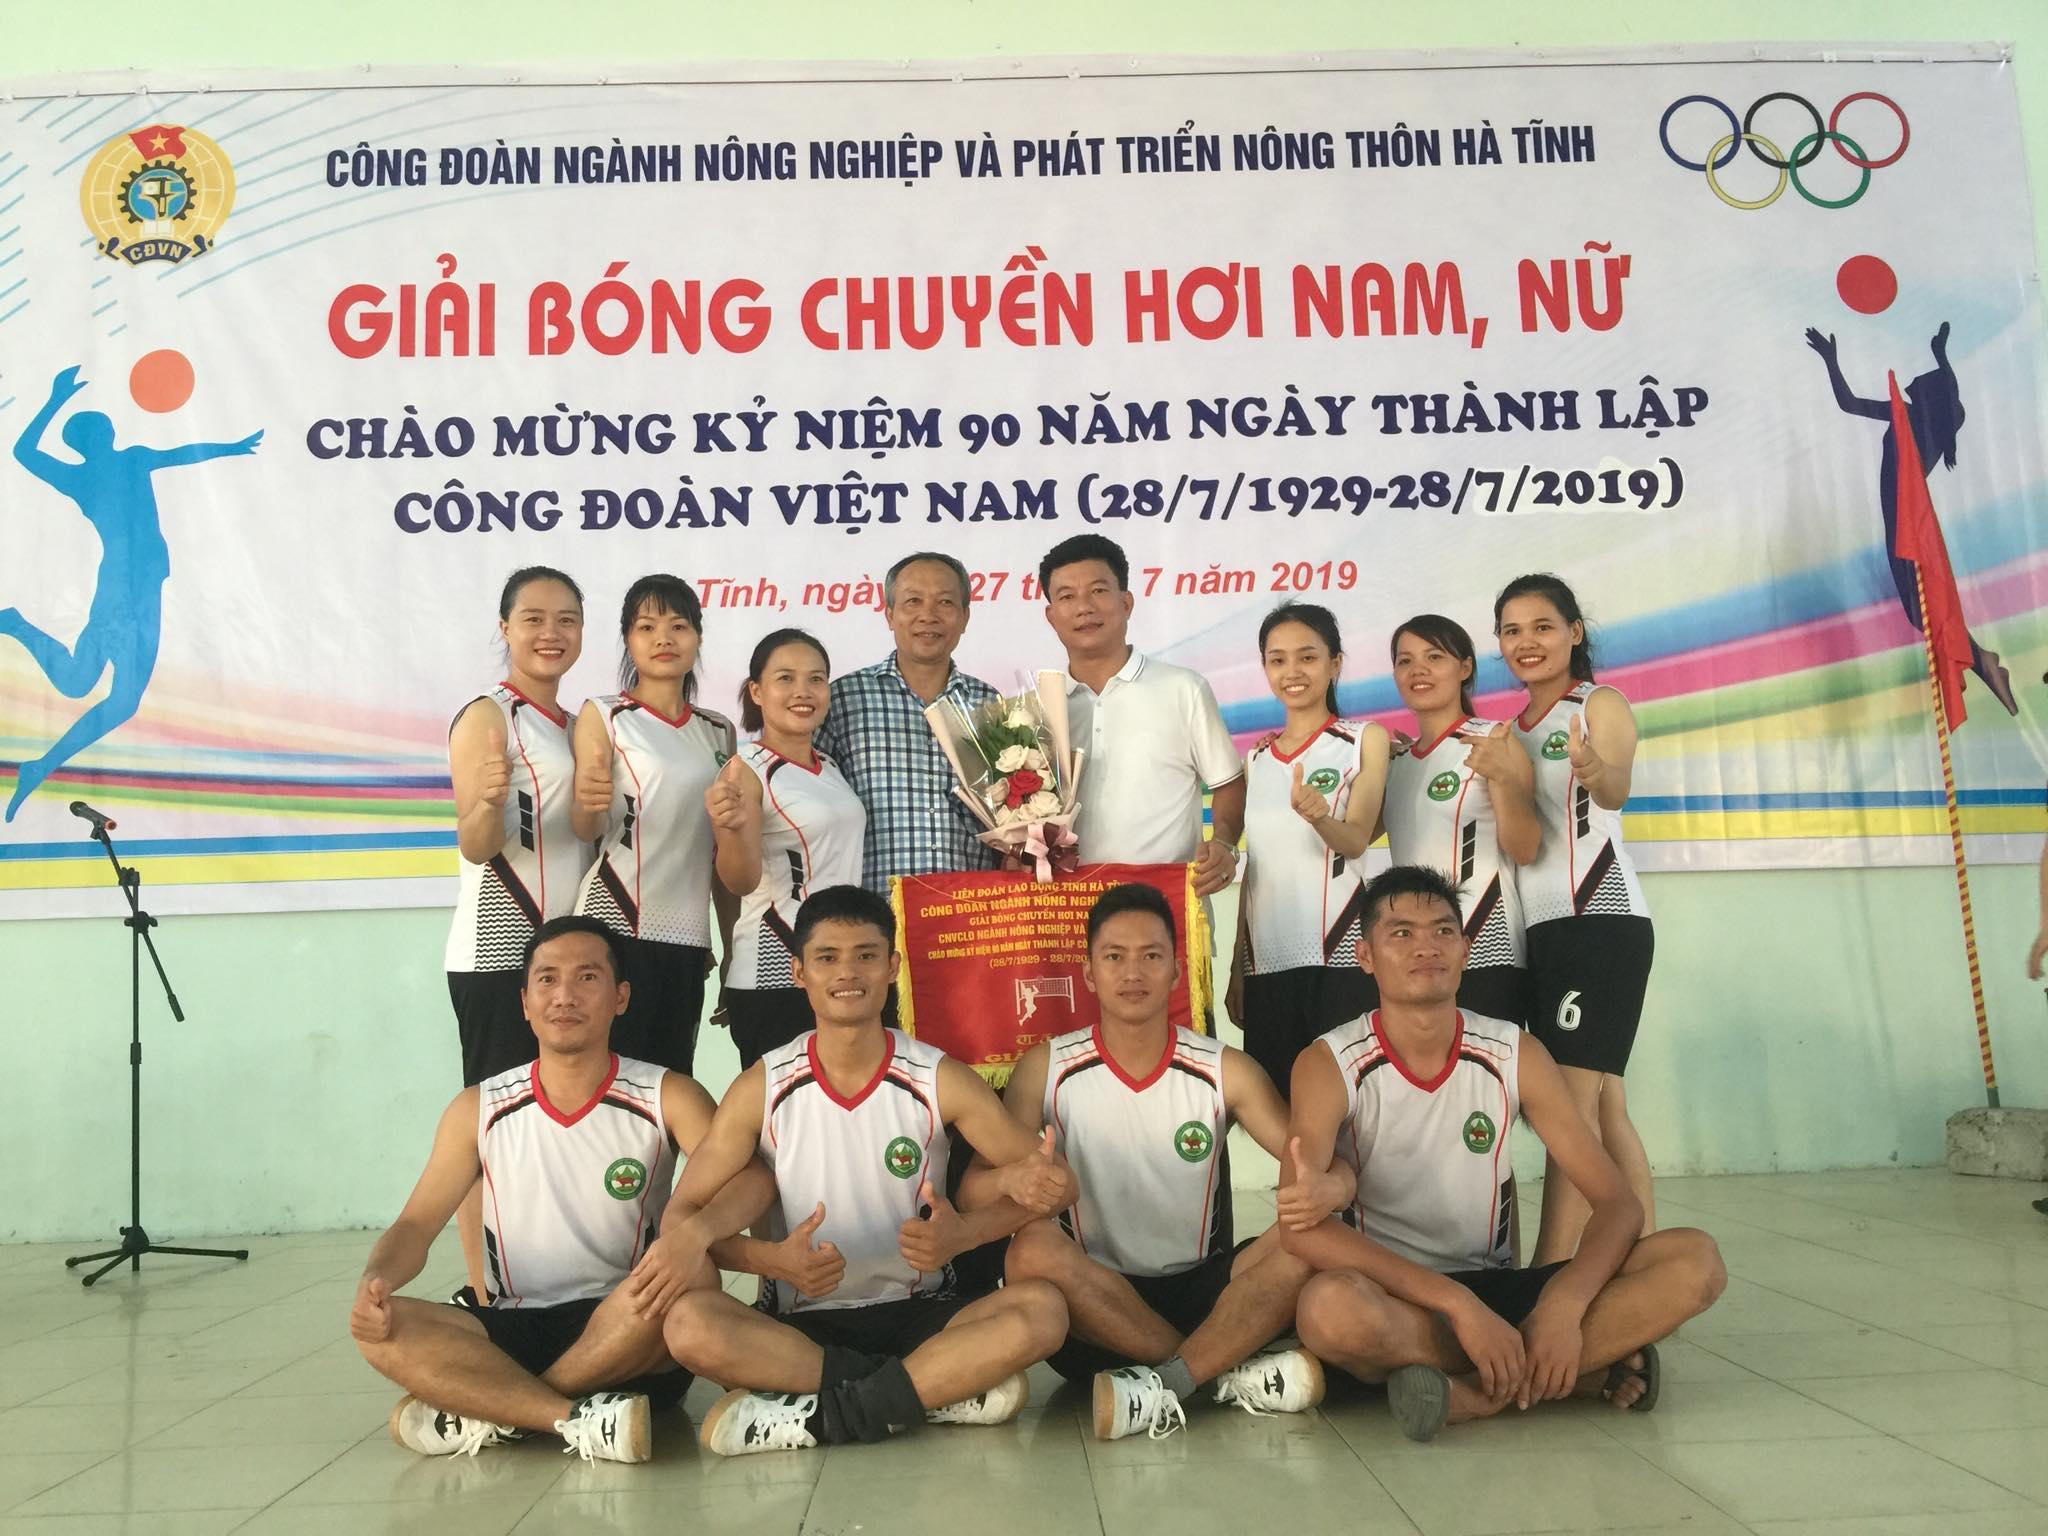 Vườn Quốc gia Vũ Quang vô địch giải bóng chuyền hơi nam nữ